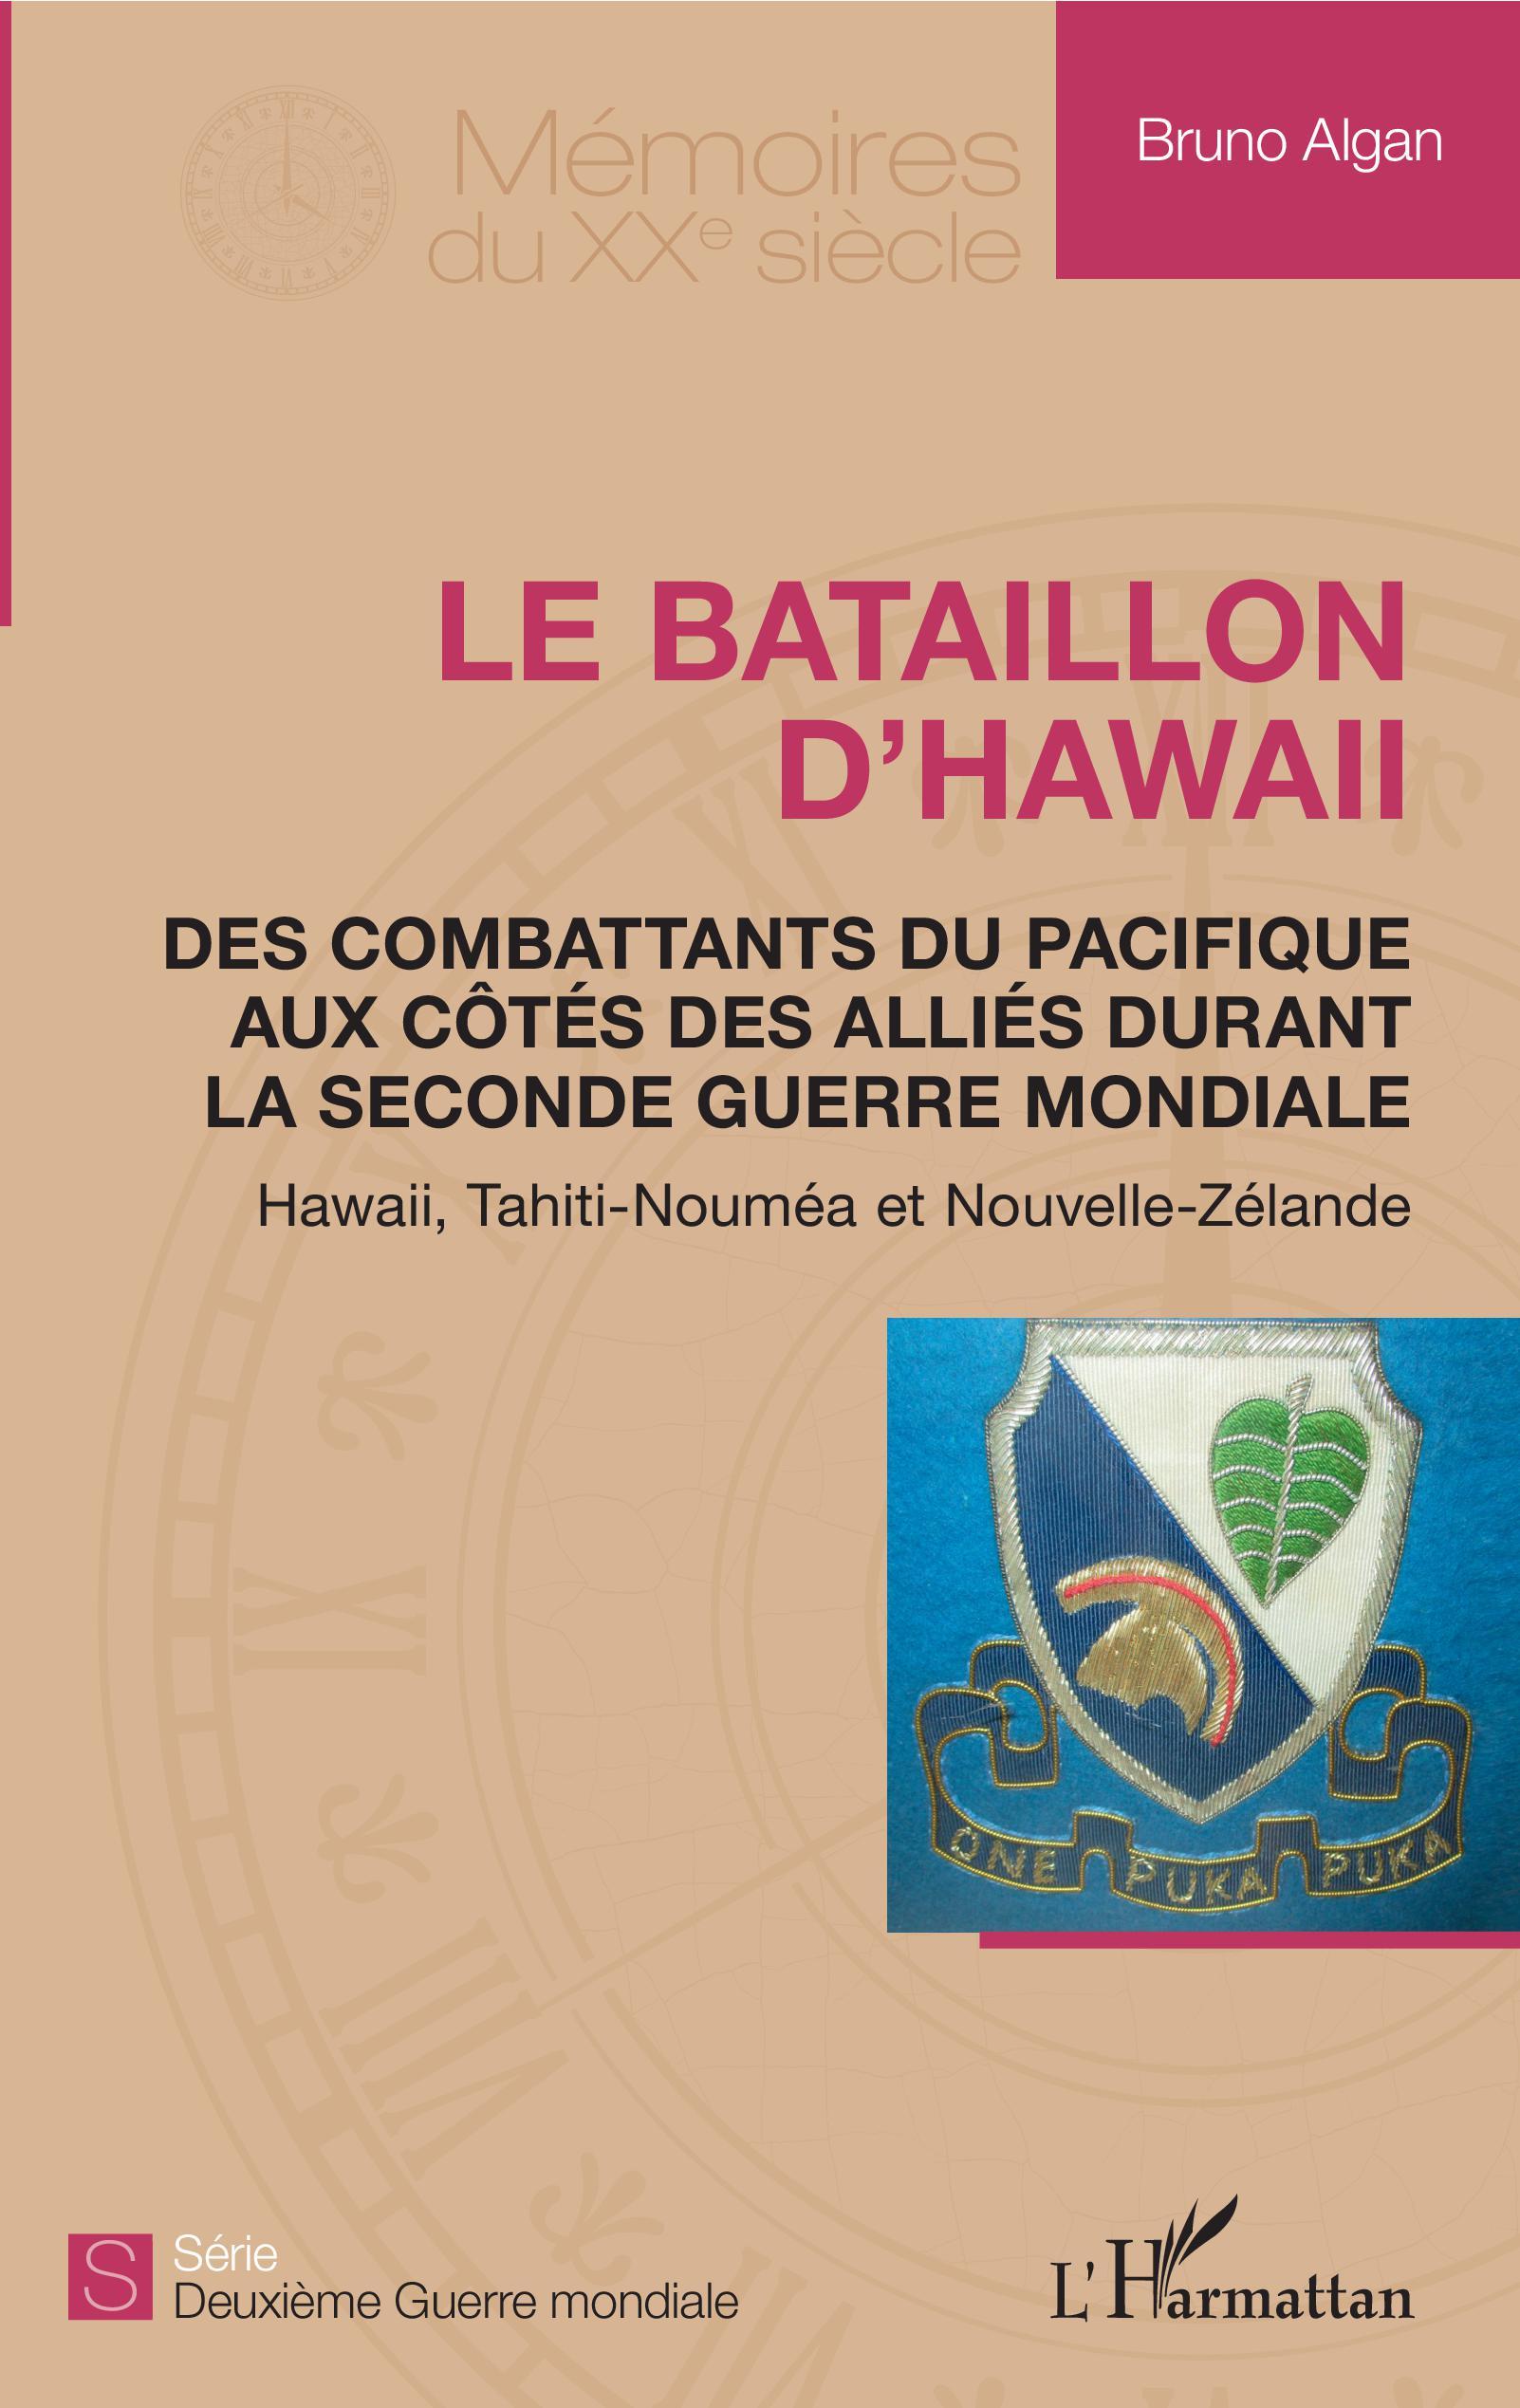 Un autre bataillon du Pacifique devient le Bataillon d'Hawaii chez l'Harmattan